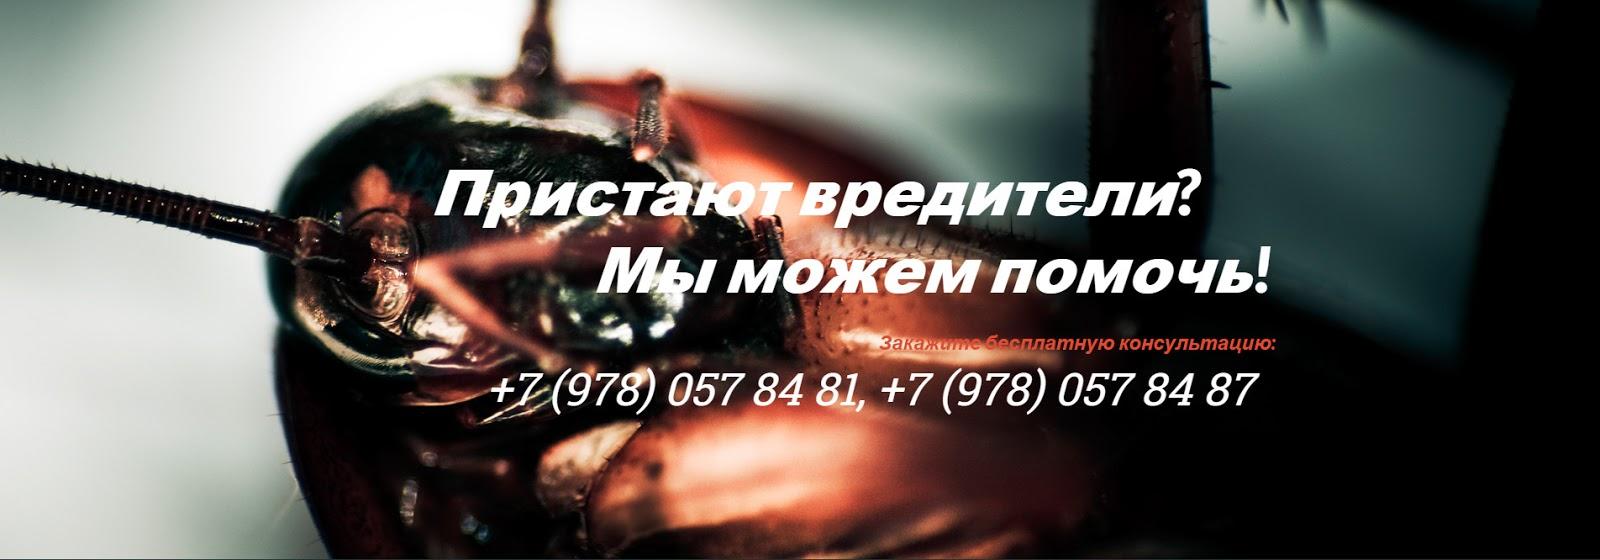 ООО Сандезпост. Дезинсекция, дератизация, дезинфекция Севастополь, Крым